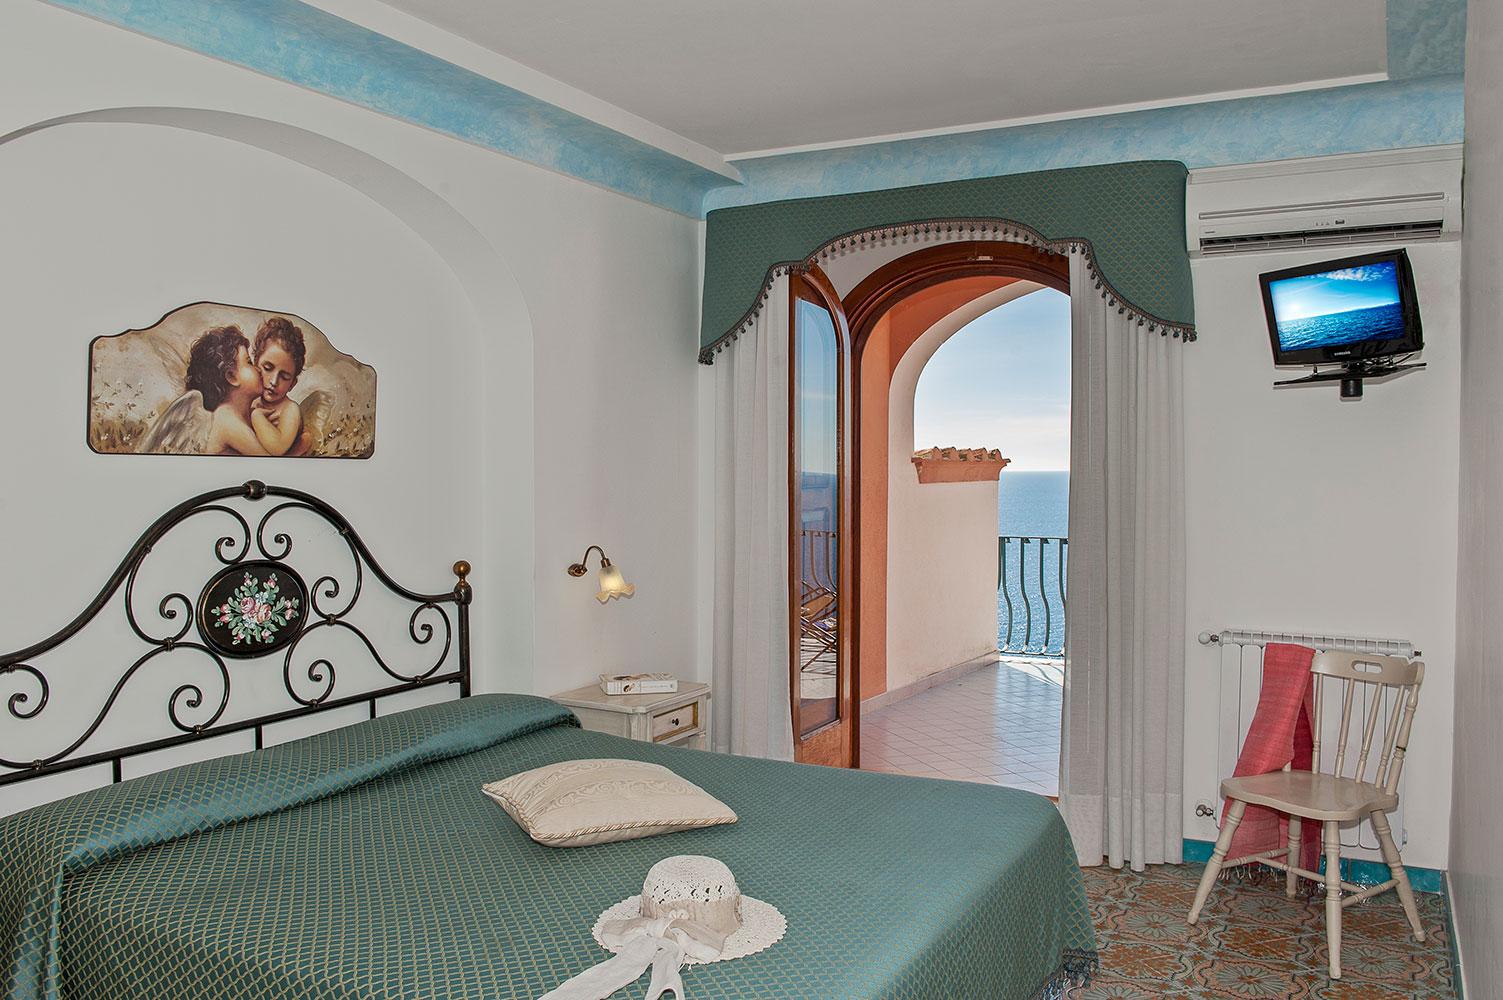 Camera tripla a Positano - Gabbiano Hotel Positano